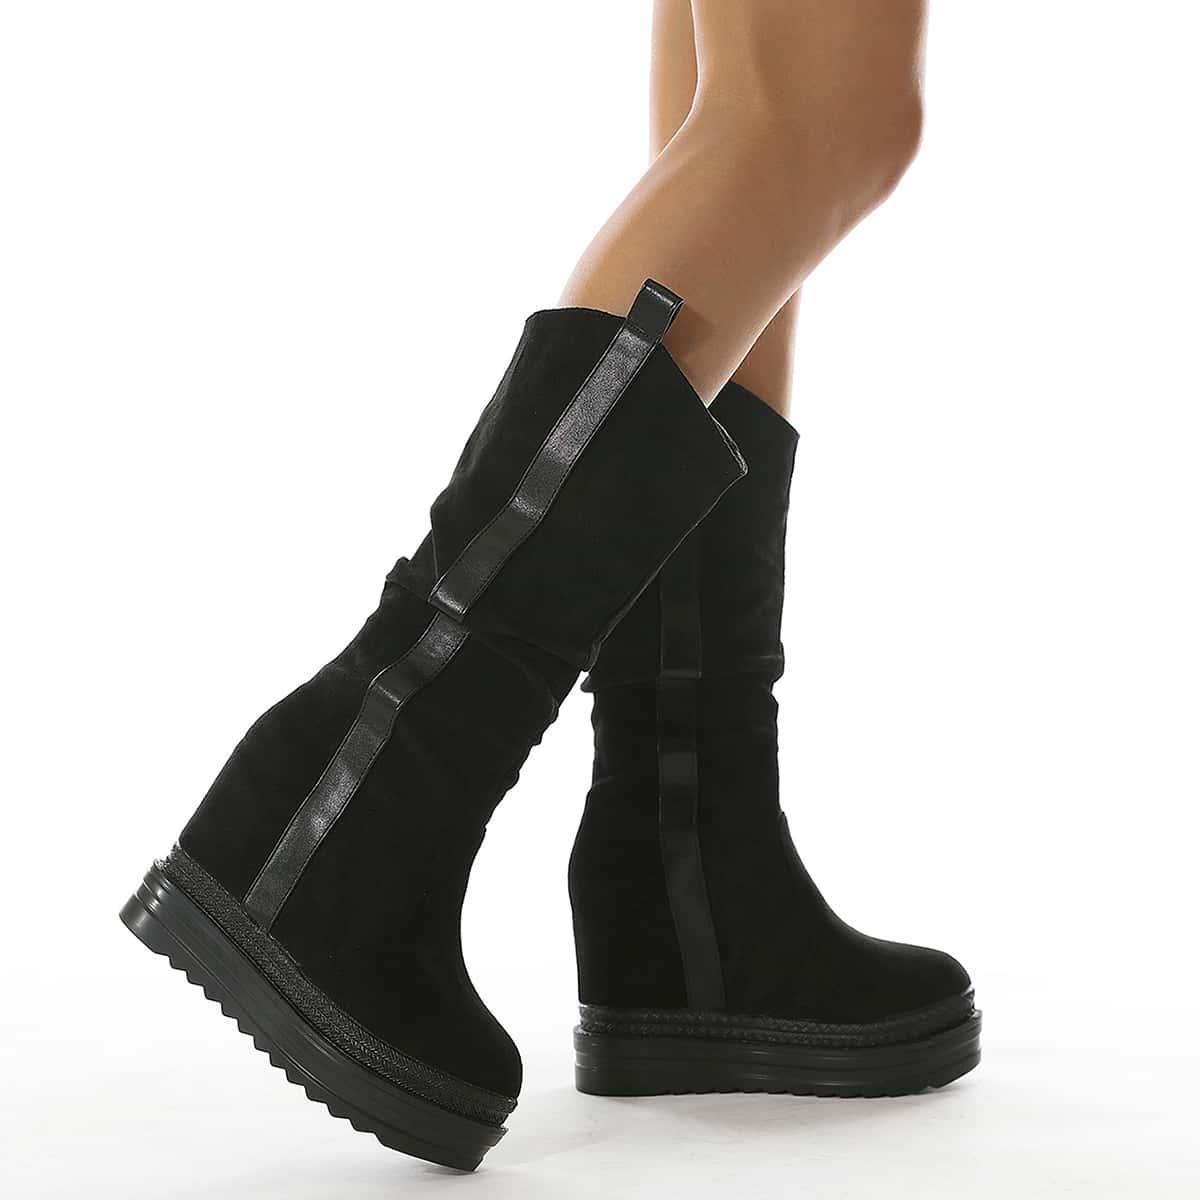 Minimalist Slip On Wedge Boots